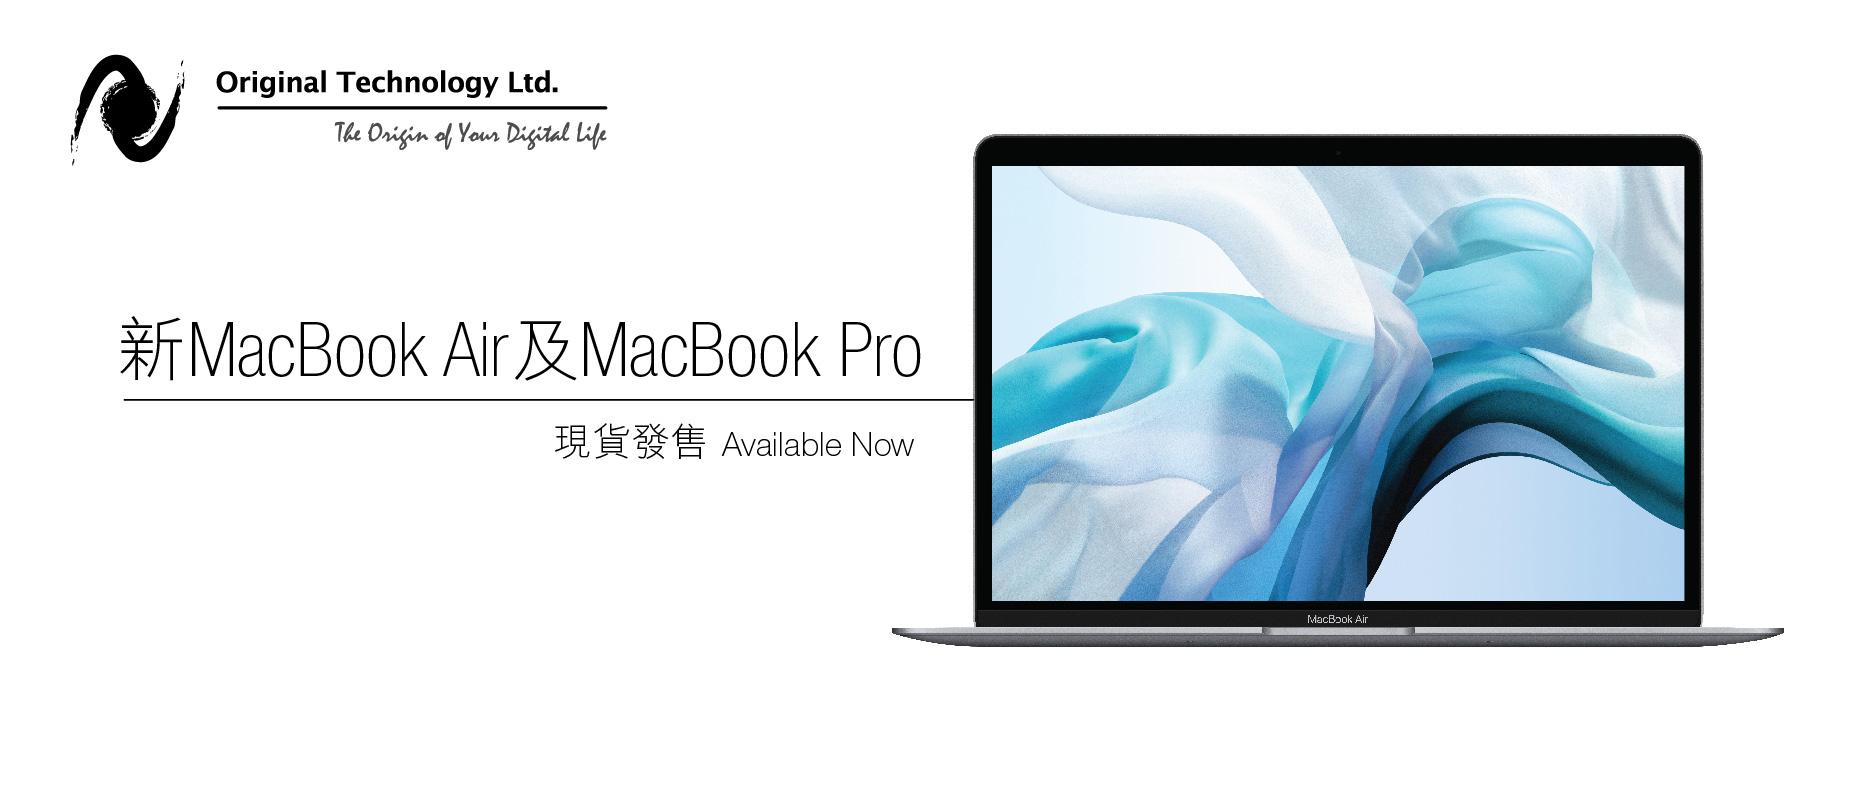 NA04_MacBook Air & Pro_900x383_01_WeChat_Case.jpg